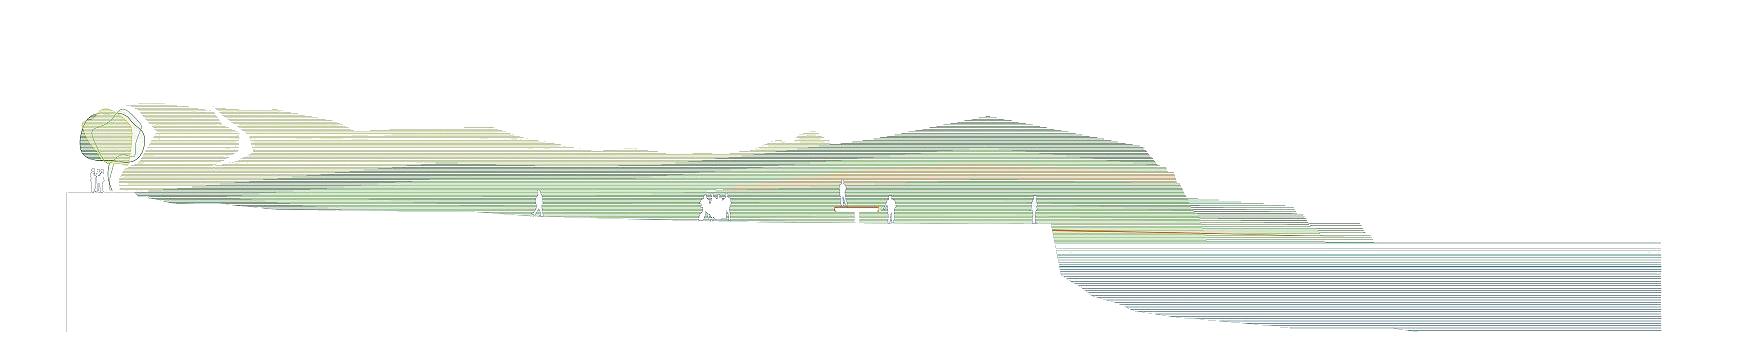 Frente urbano maritimo de algeciras-02